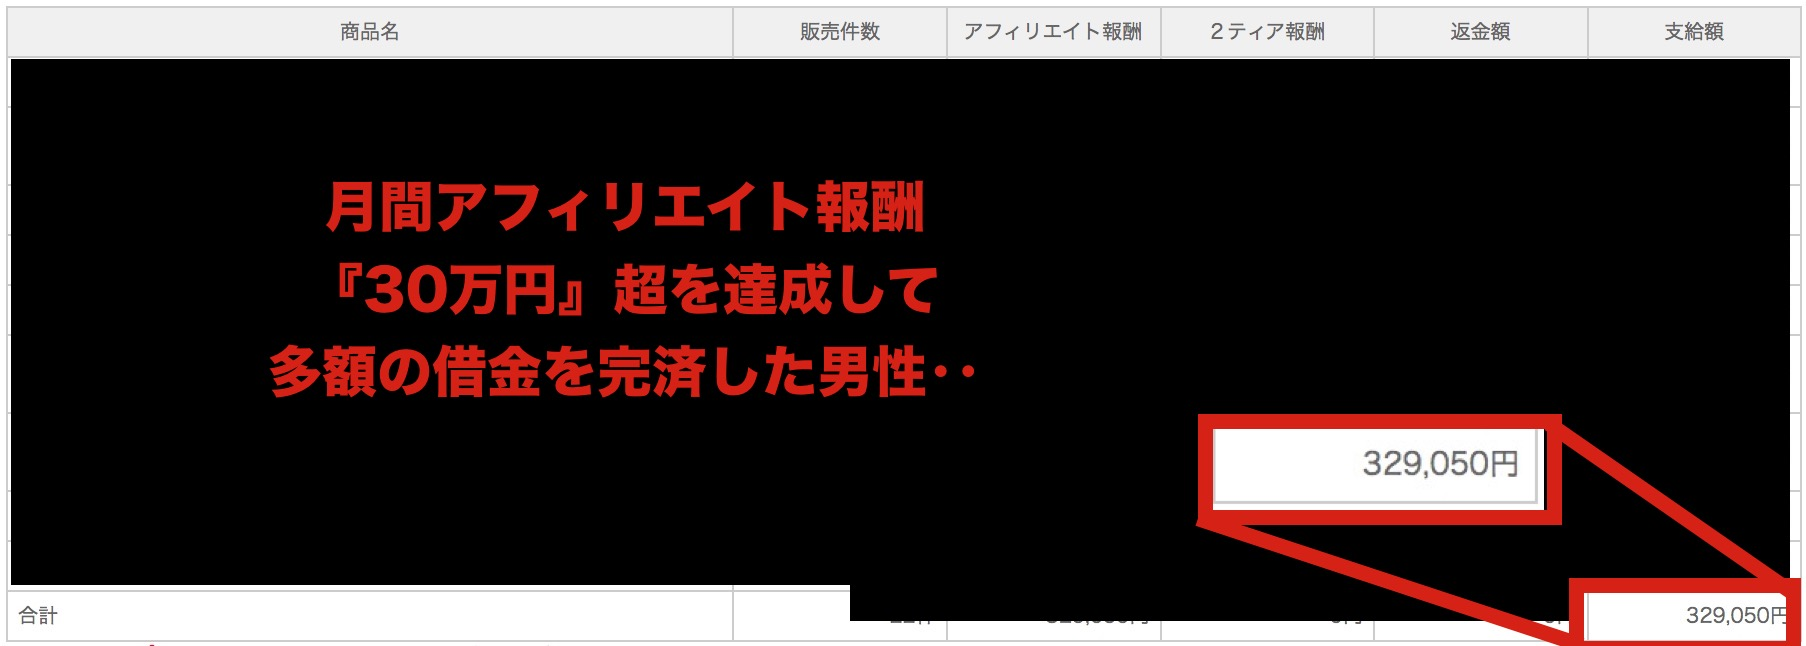 (毎月30万円を超えるアフィリエイト報酬を達成‥)